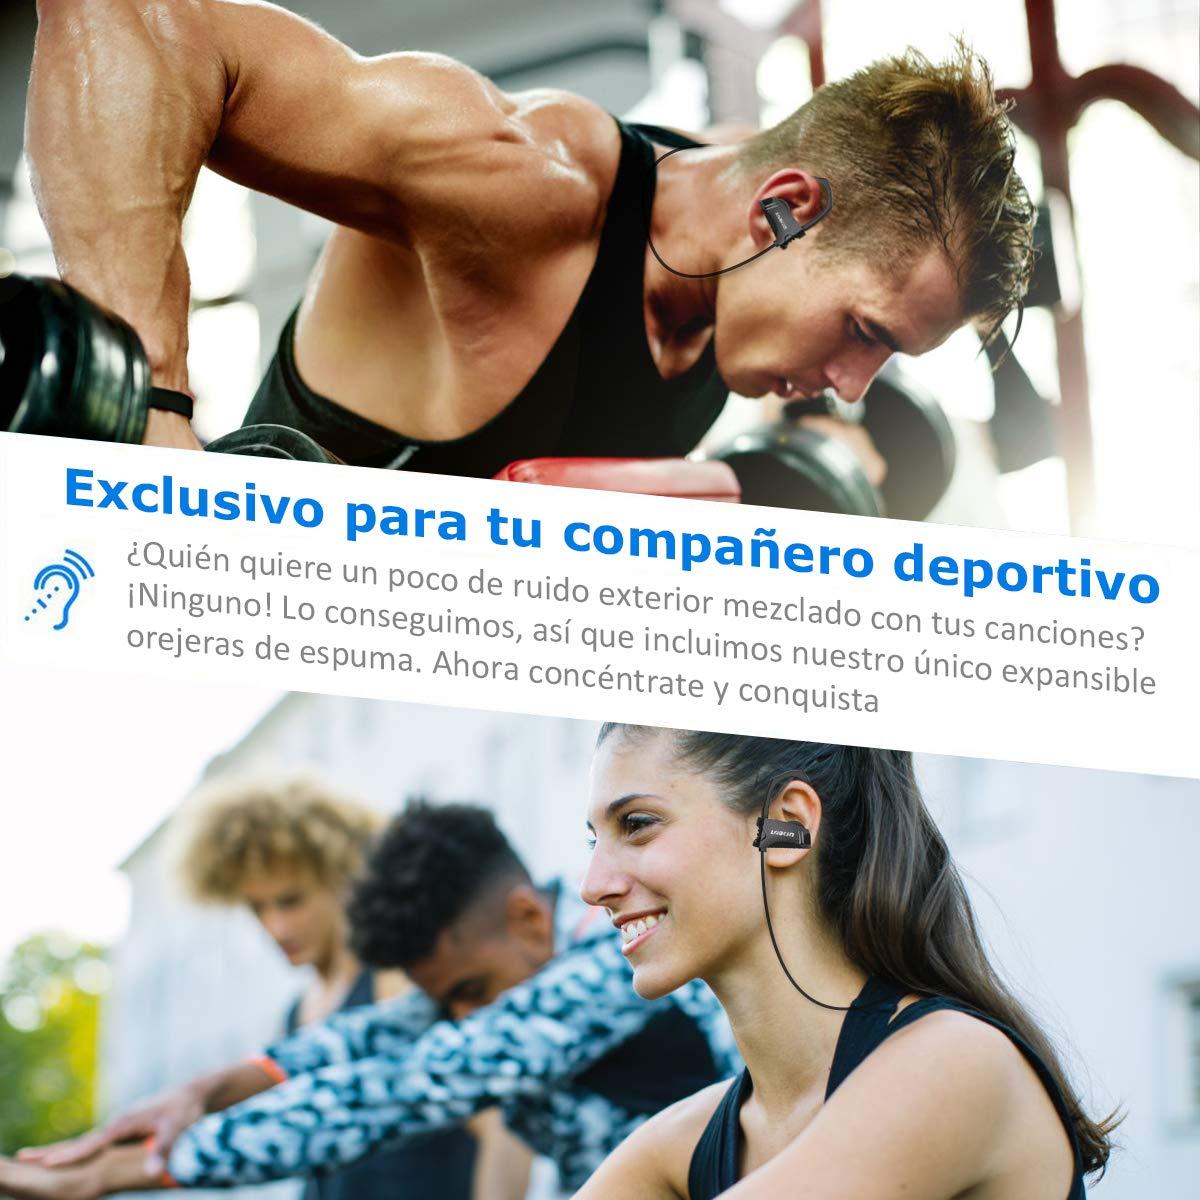 LOBKIN Auriculares inalámbricos deportivos Bluetooth resistente al sudor IPX4 Fijación estable en la oreja Cascos ergonómicos auricular con gancho para el oído eliminación de ruido cascos 6 horas de funcionamiento con micrófono para running